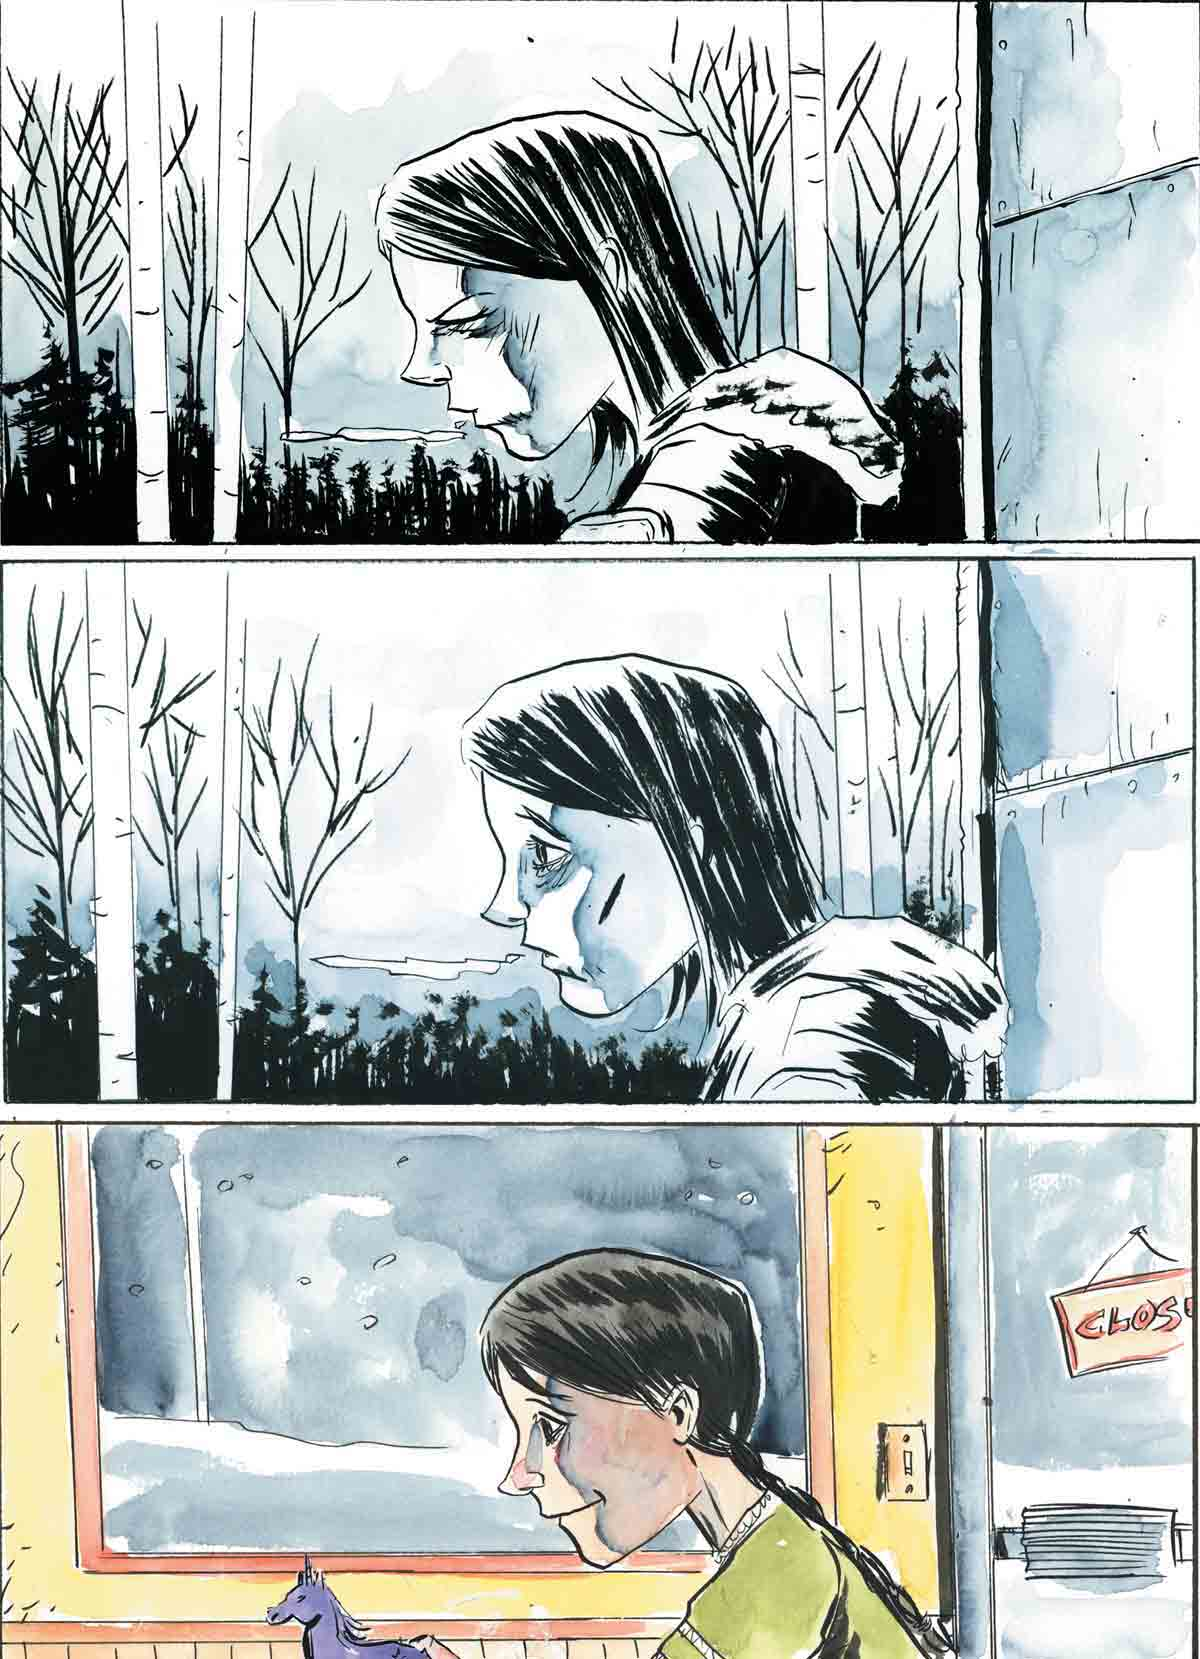 Golem-Comics-Un-tipo-duro-Jeff-lemire-06